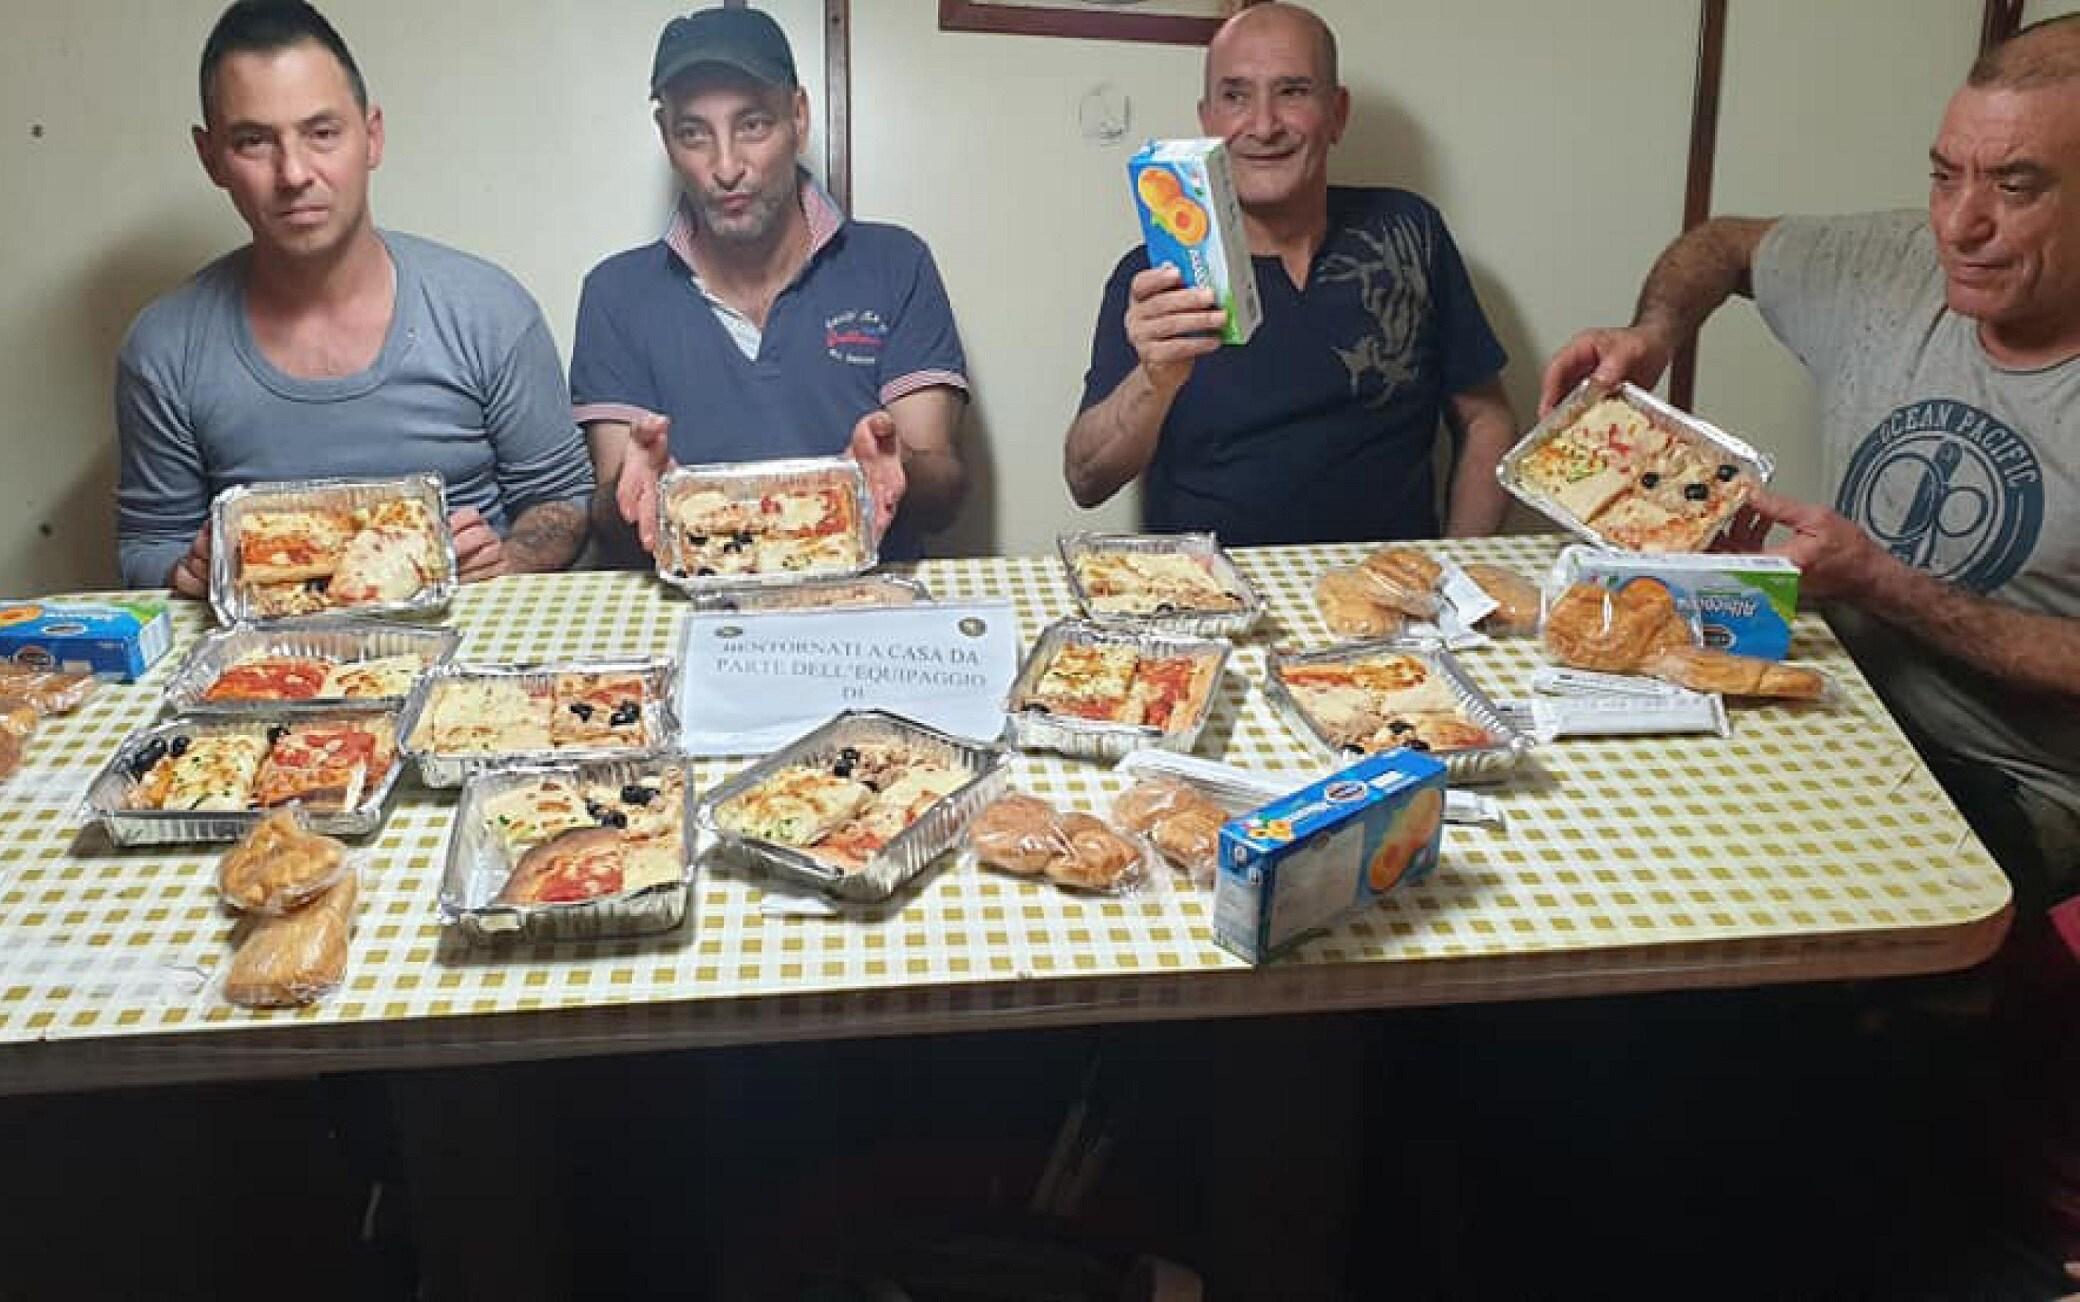 """I pescatori che stanno per ritornare a Mazara del Vallo esprimono felicità postando immagini su Facebook tra cui quelle della cena offerta ieri dalla Marina militare e dalla nave """"Carlo Margottini"""" con un biglietto """"Bentornati a casa"""", 20 dicembre 2020.  FACEBOOK +++ATTENZIONE LA FOTO NON PUO' ESSERE PUBBLICATA O RIPRODOTTA SENZA L'AUTORIZZAZIONE DELLA FONTE DI ORIGINE CUI SI RINVIA+++"""